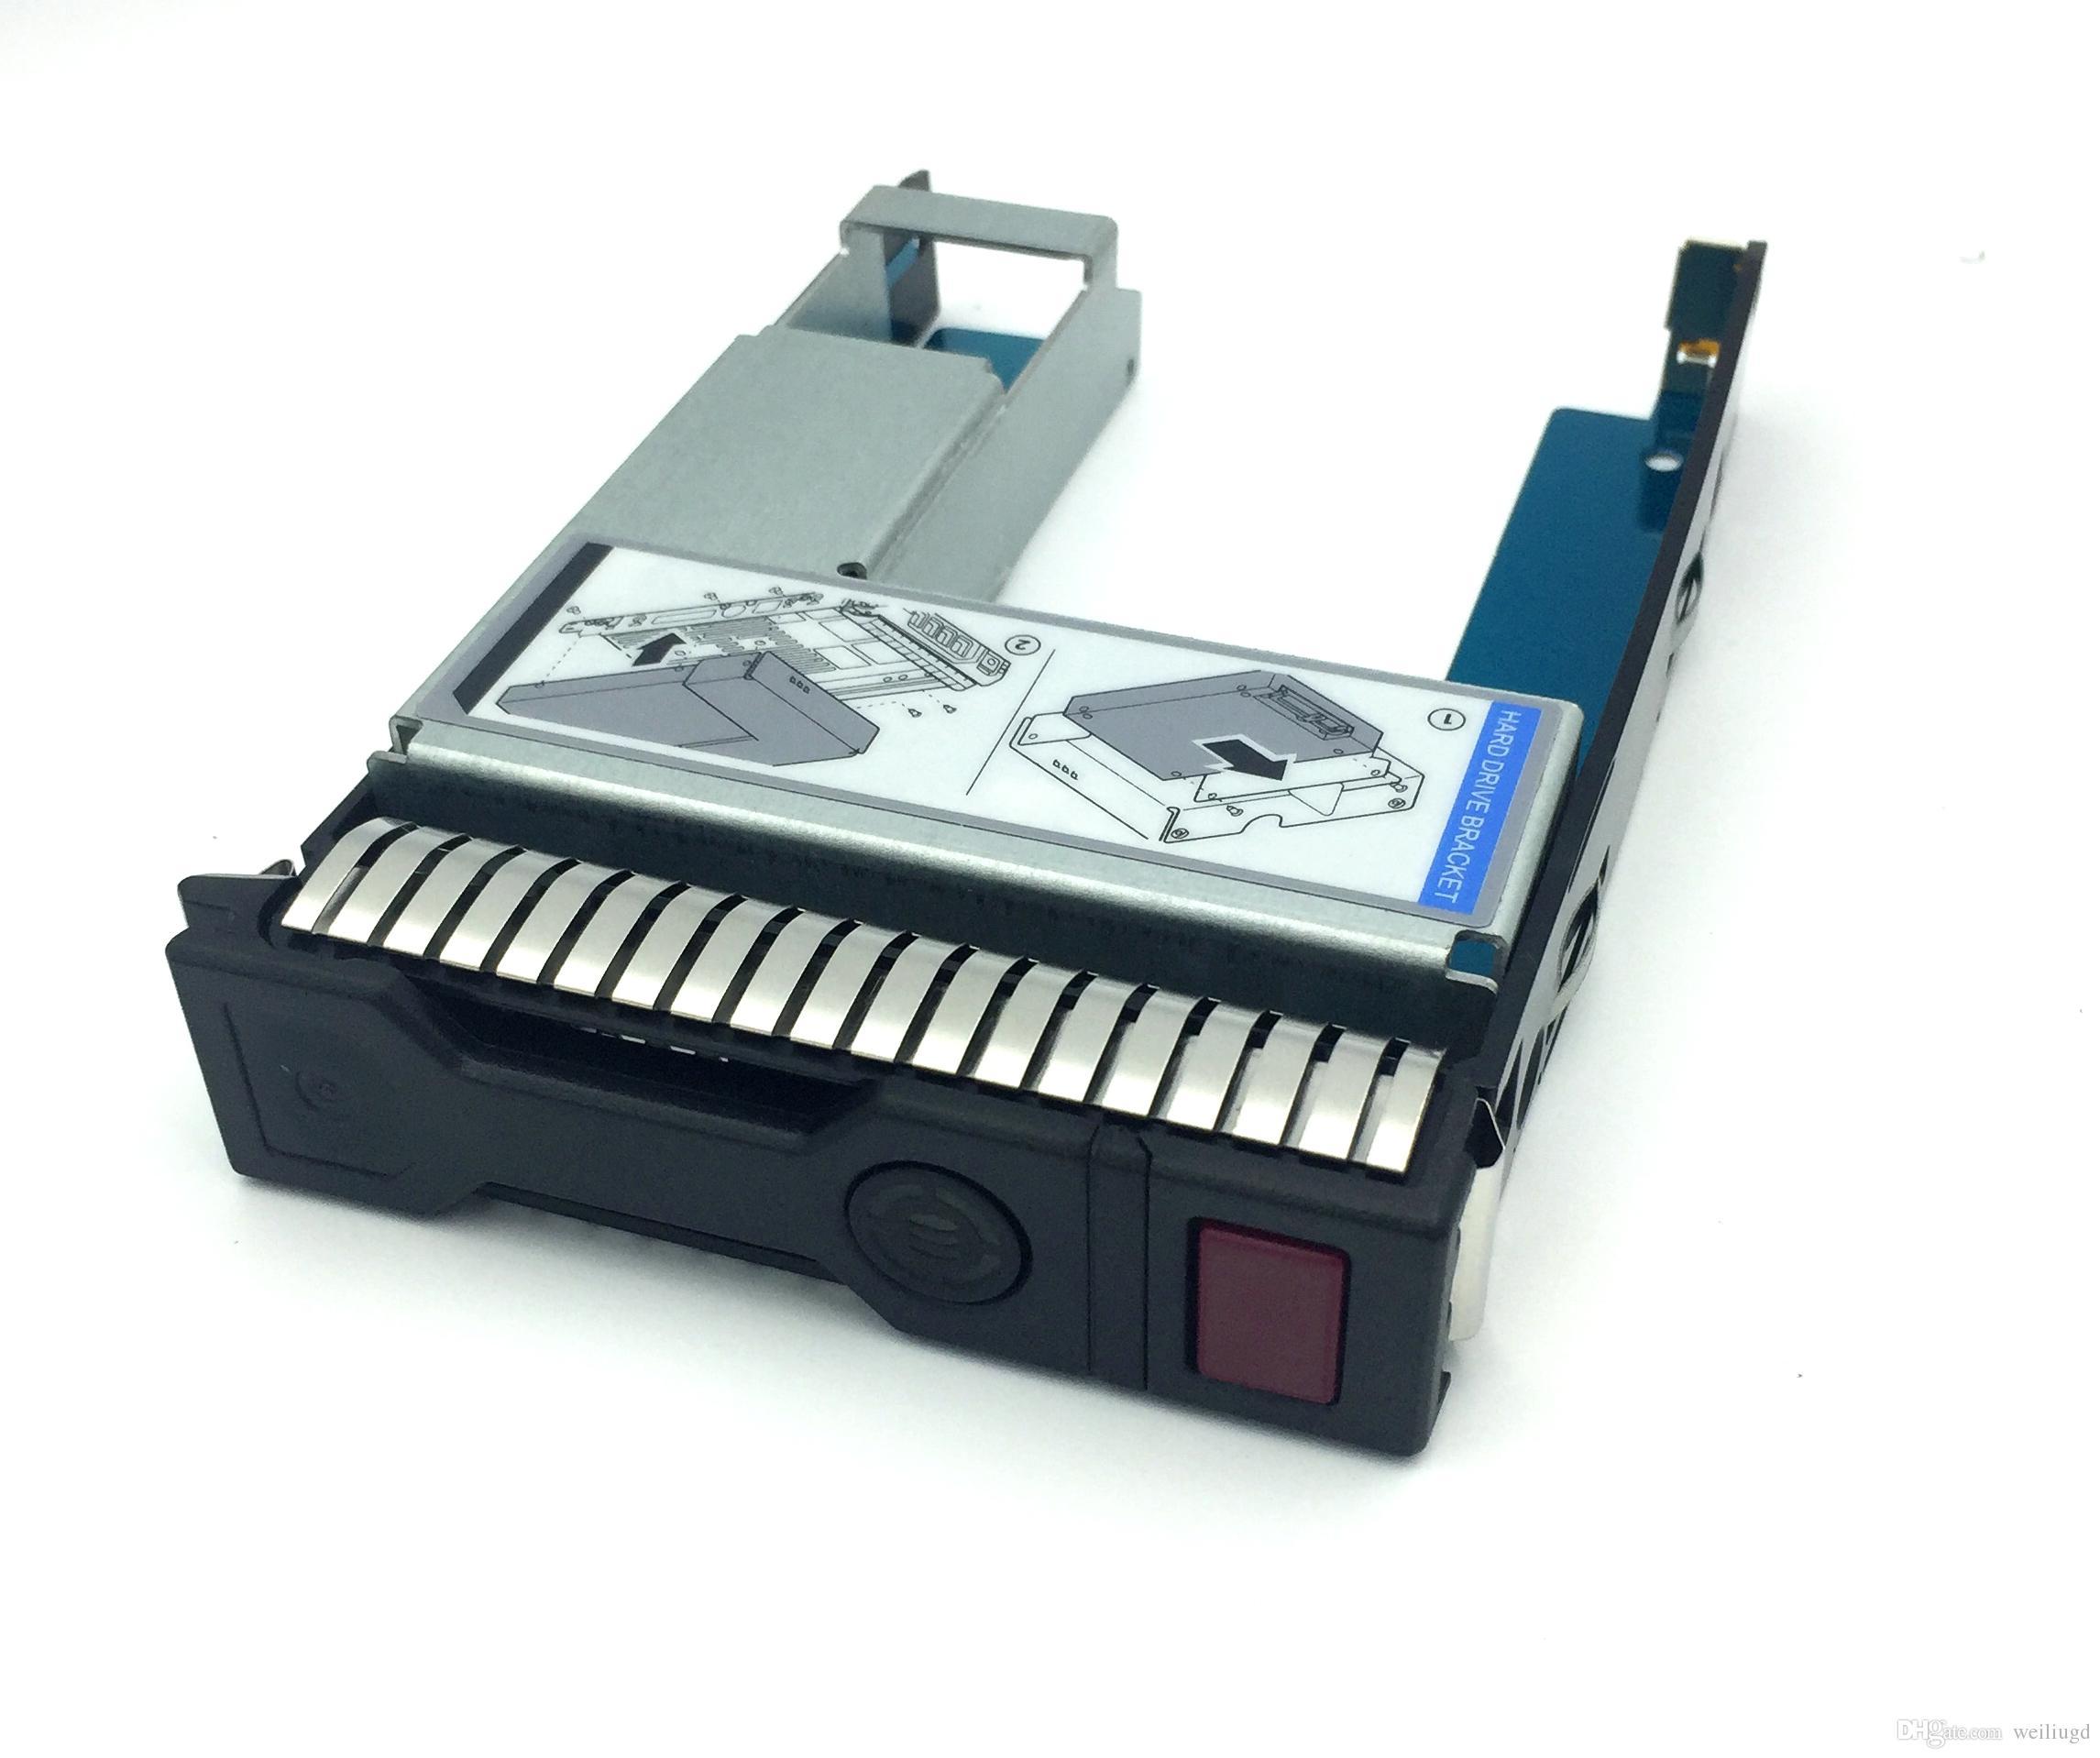 """651314-001 + 9W8C4 2.5 """"SSD A 3.5"""" SATA Convertidor Unidad de bandeja de disco duro para servidor HP G8 / Gen9"""